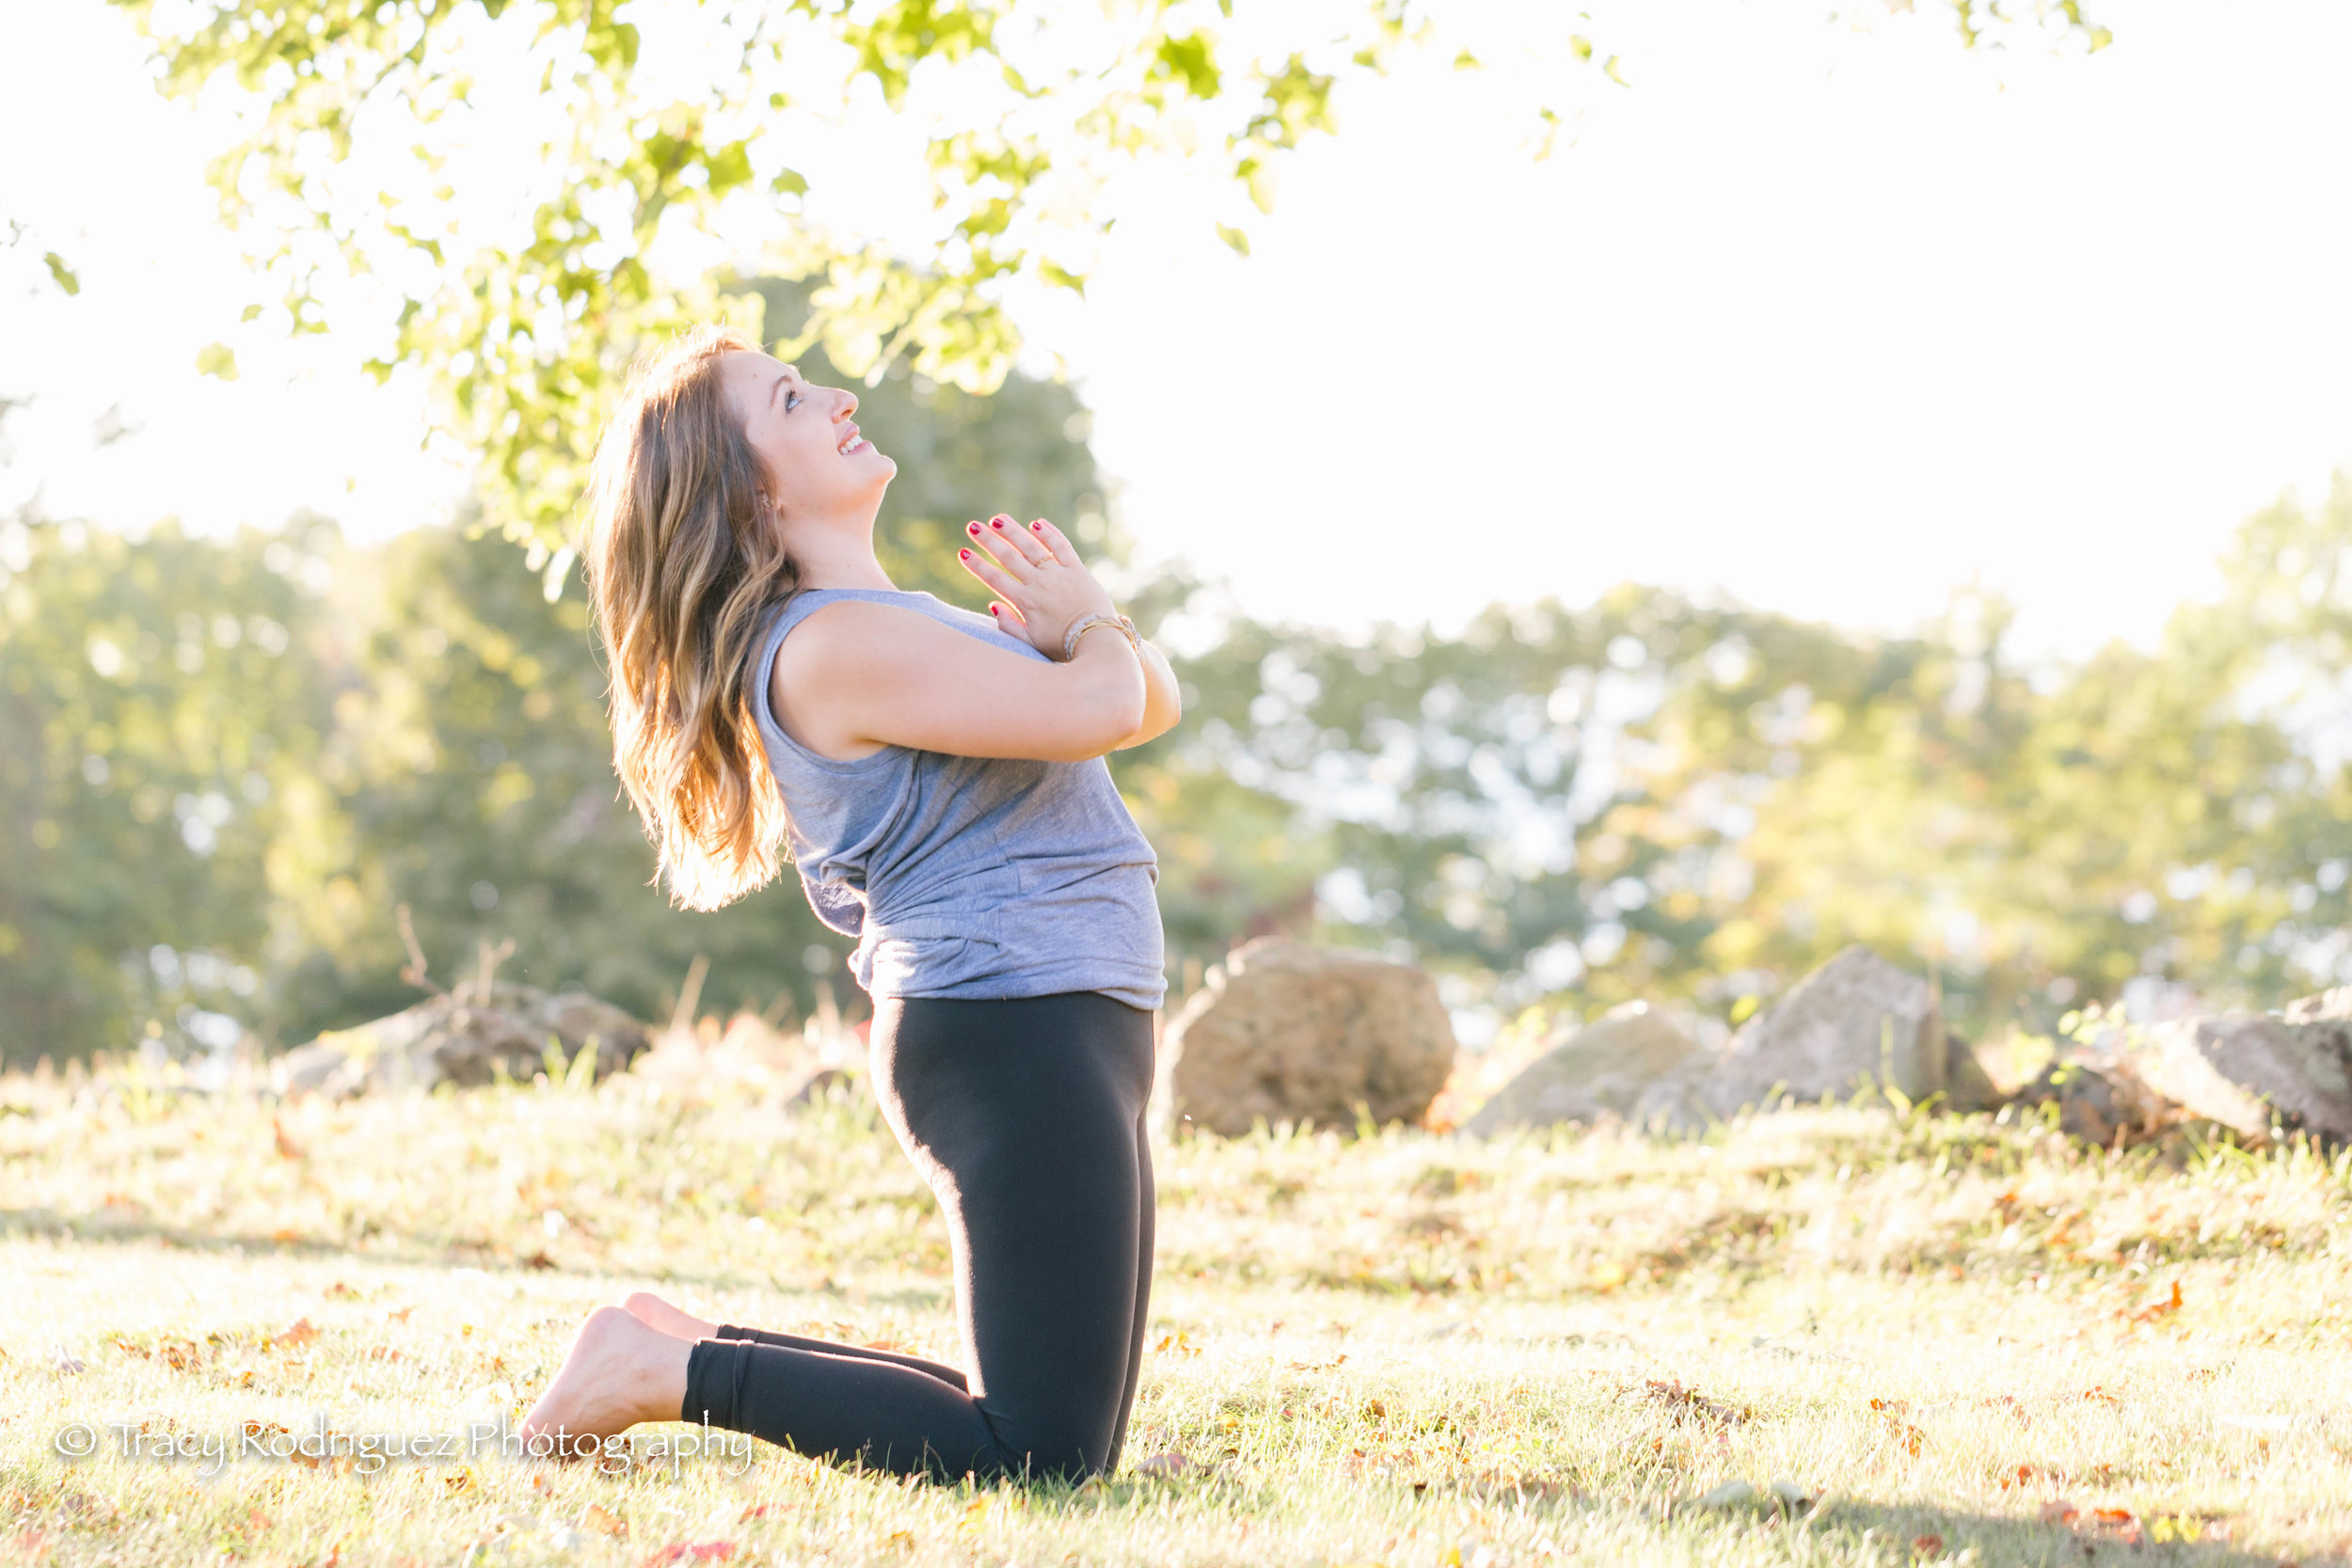 boston-yoga-photographer-16.jpg